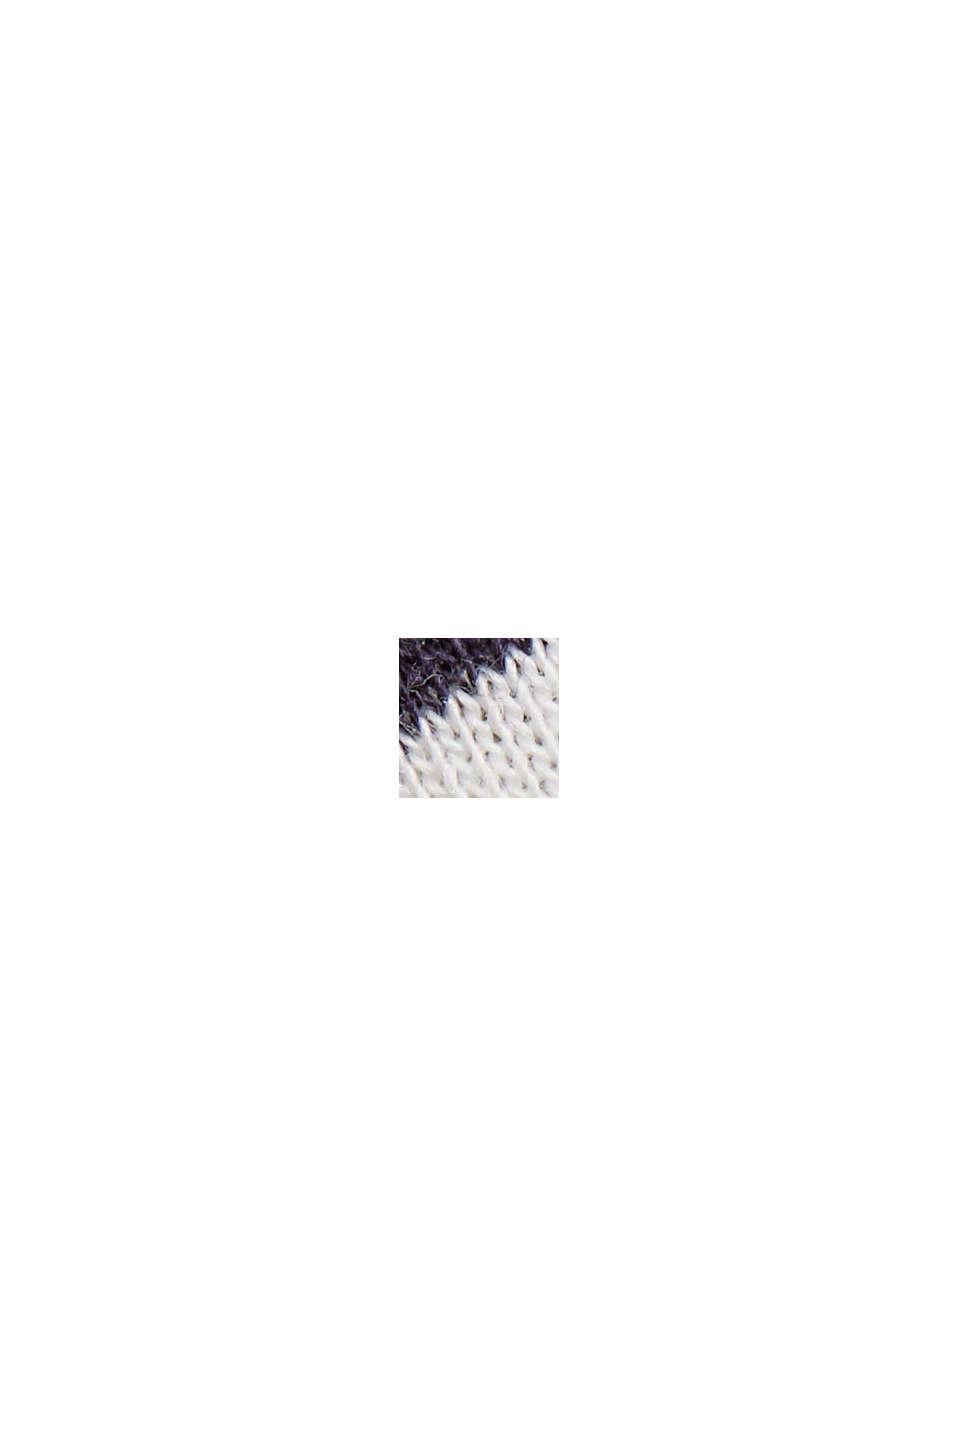 Maglia con dettagli a giorno, cotone biologico/TENCEL™, OFF WHITE, swatch